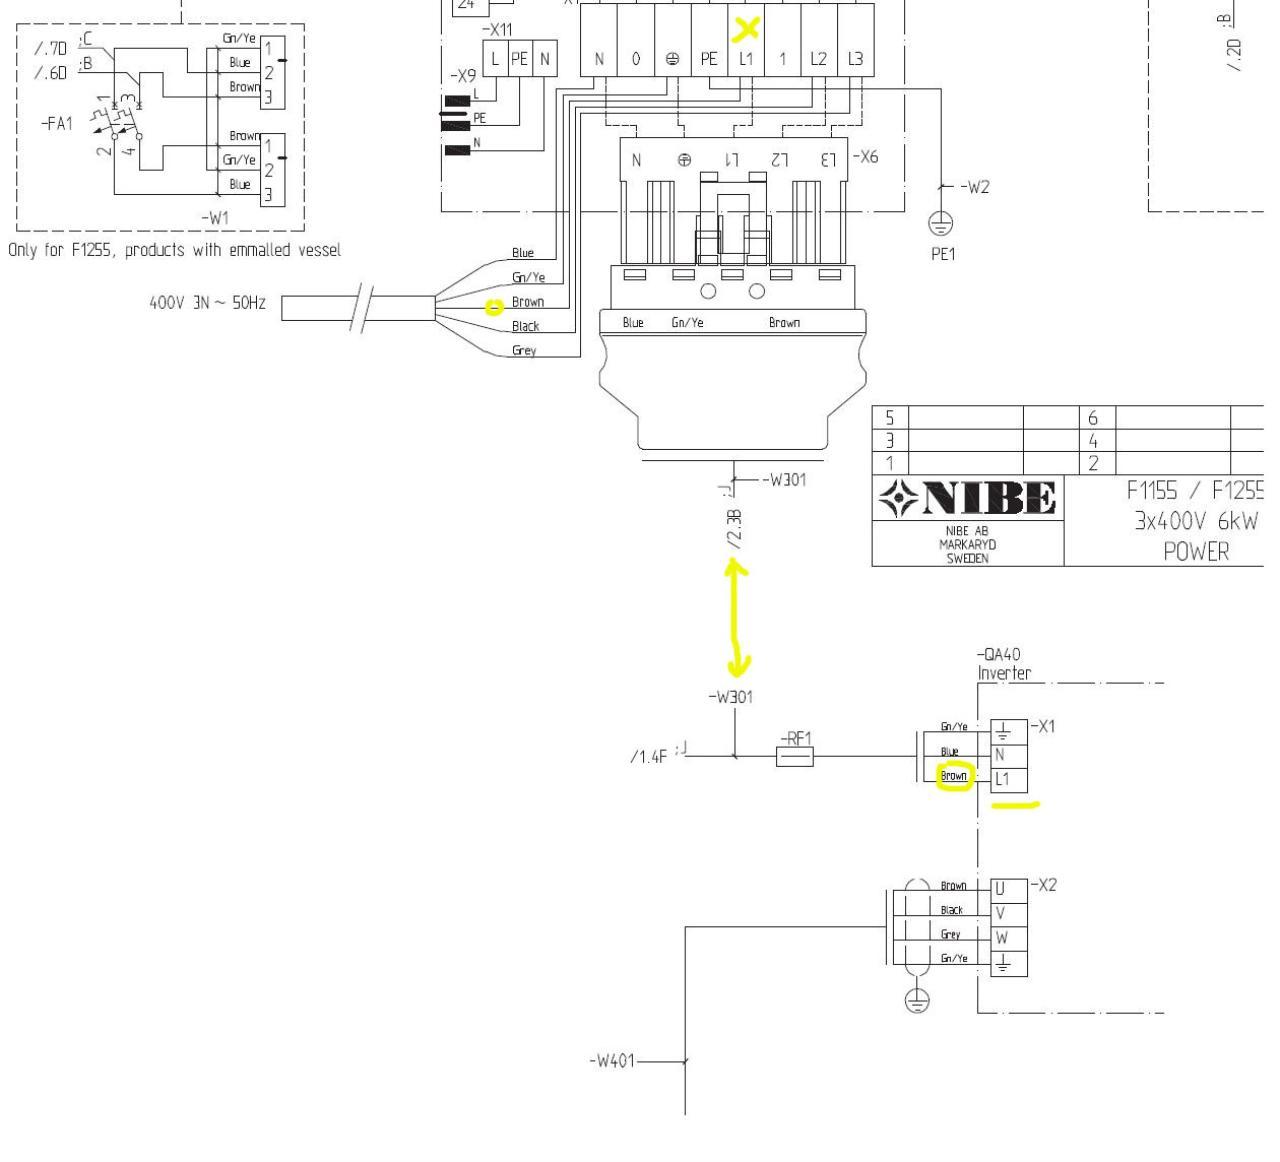 Ungewöhnlich Arcgis Schaltpläne Fotos - Schaltplan Serie Circuit ...